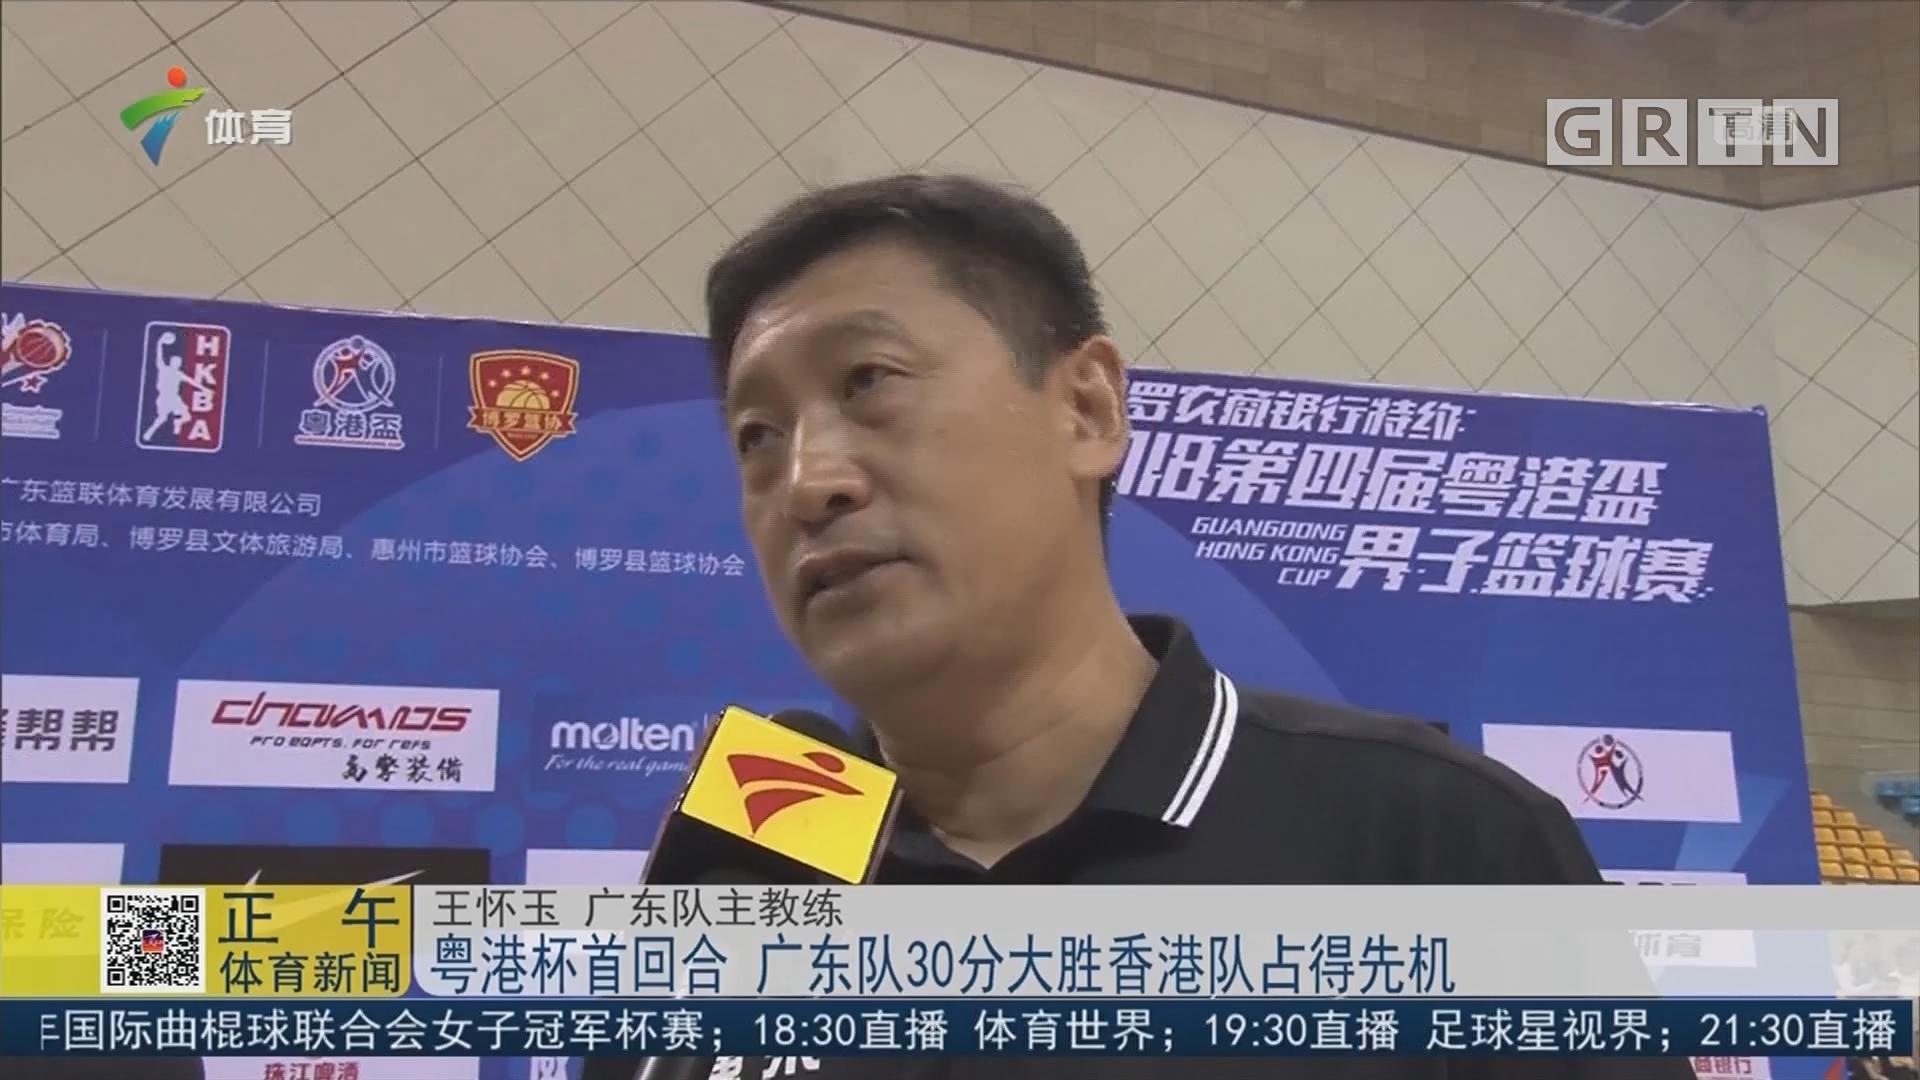 粤港杯首回合 广东队30分大胜香港队占得先机